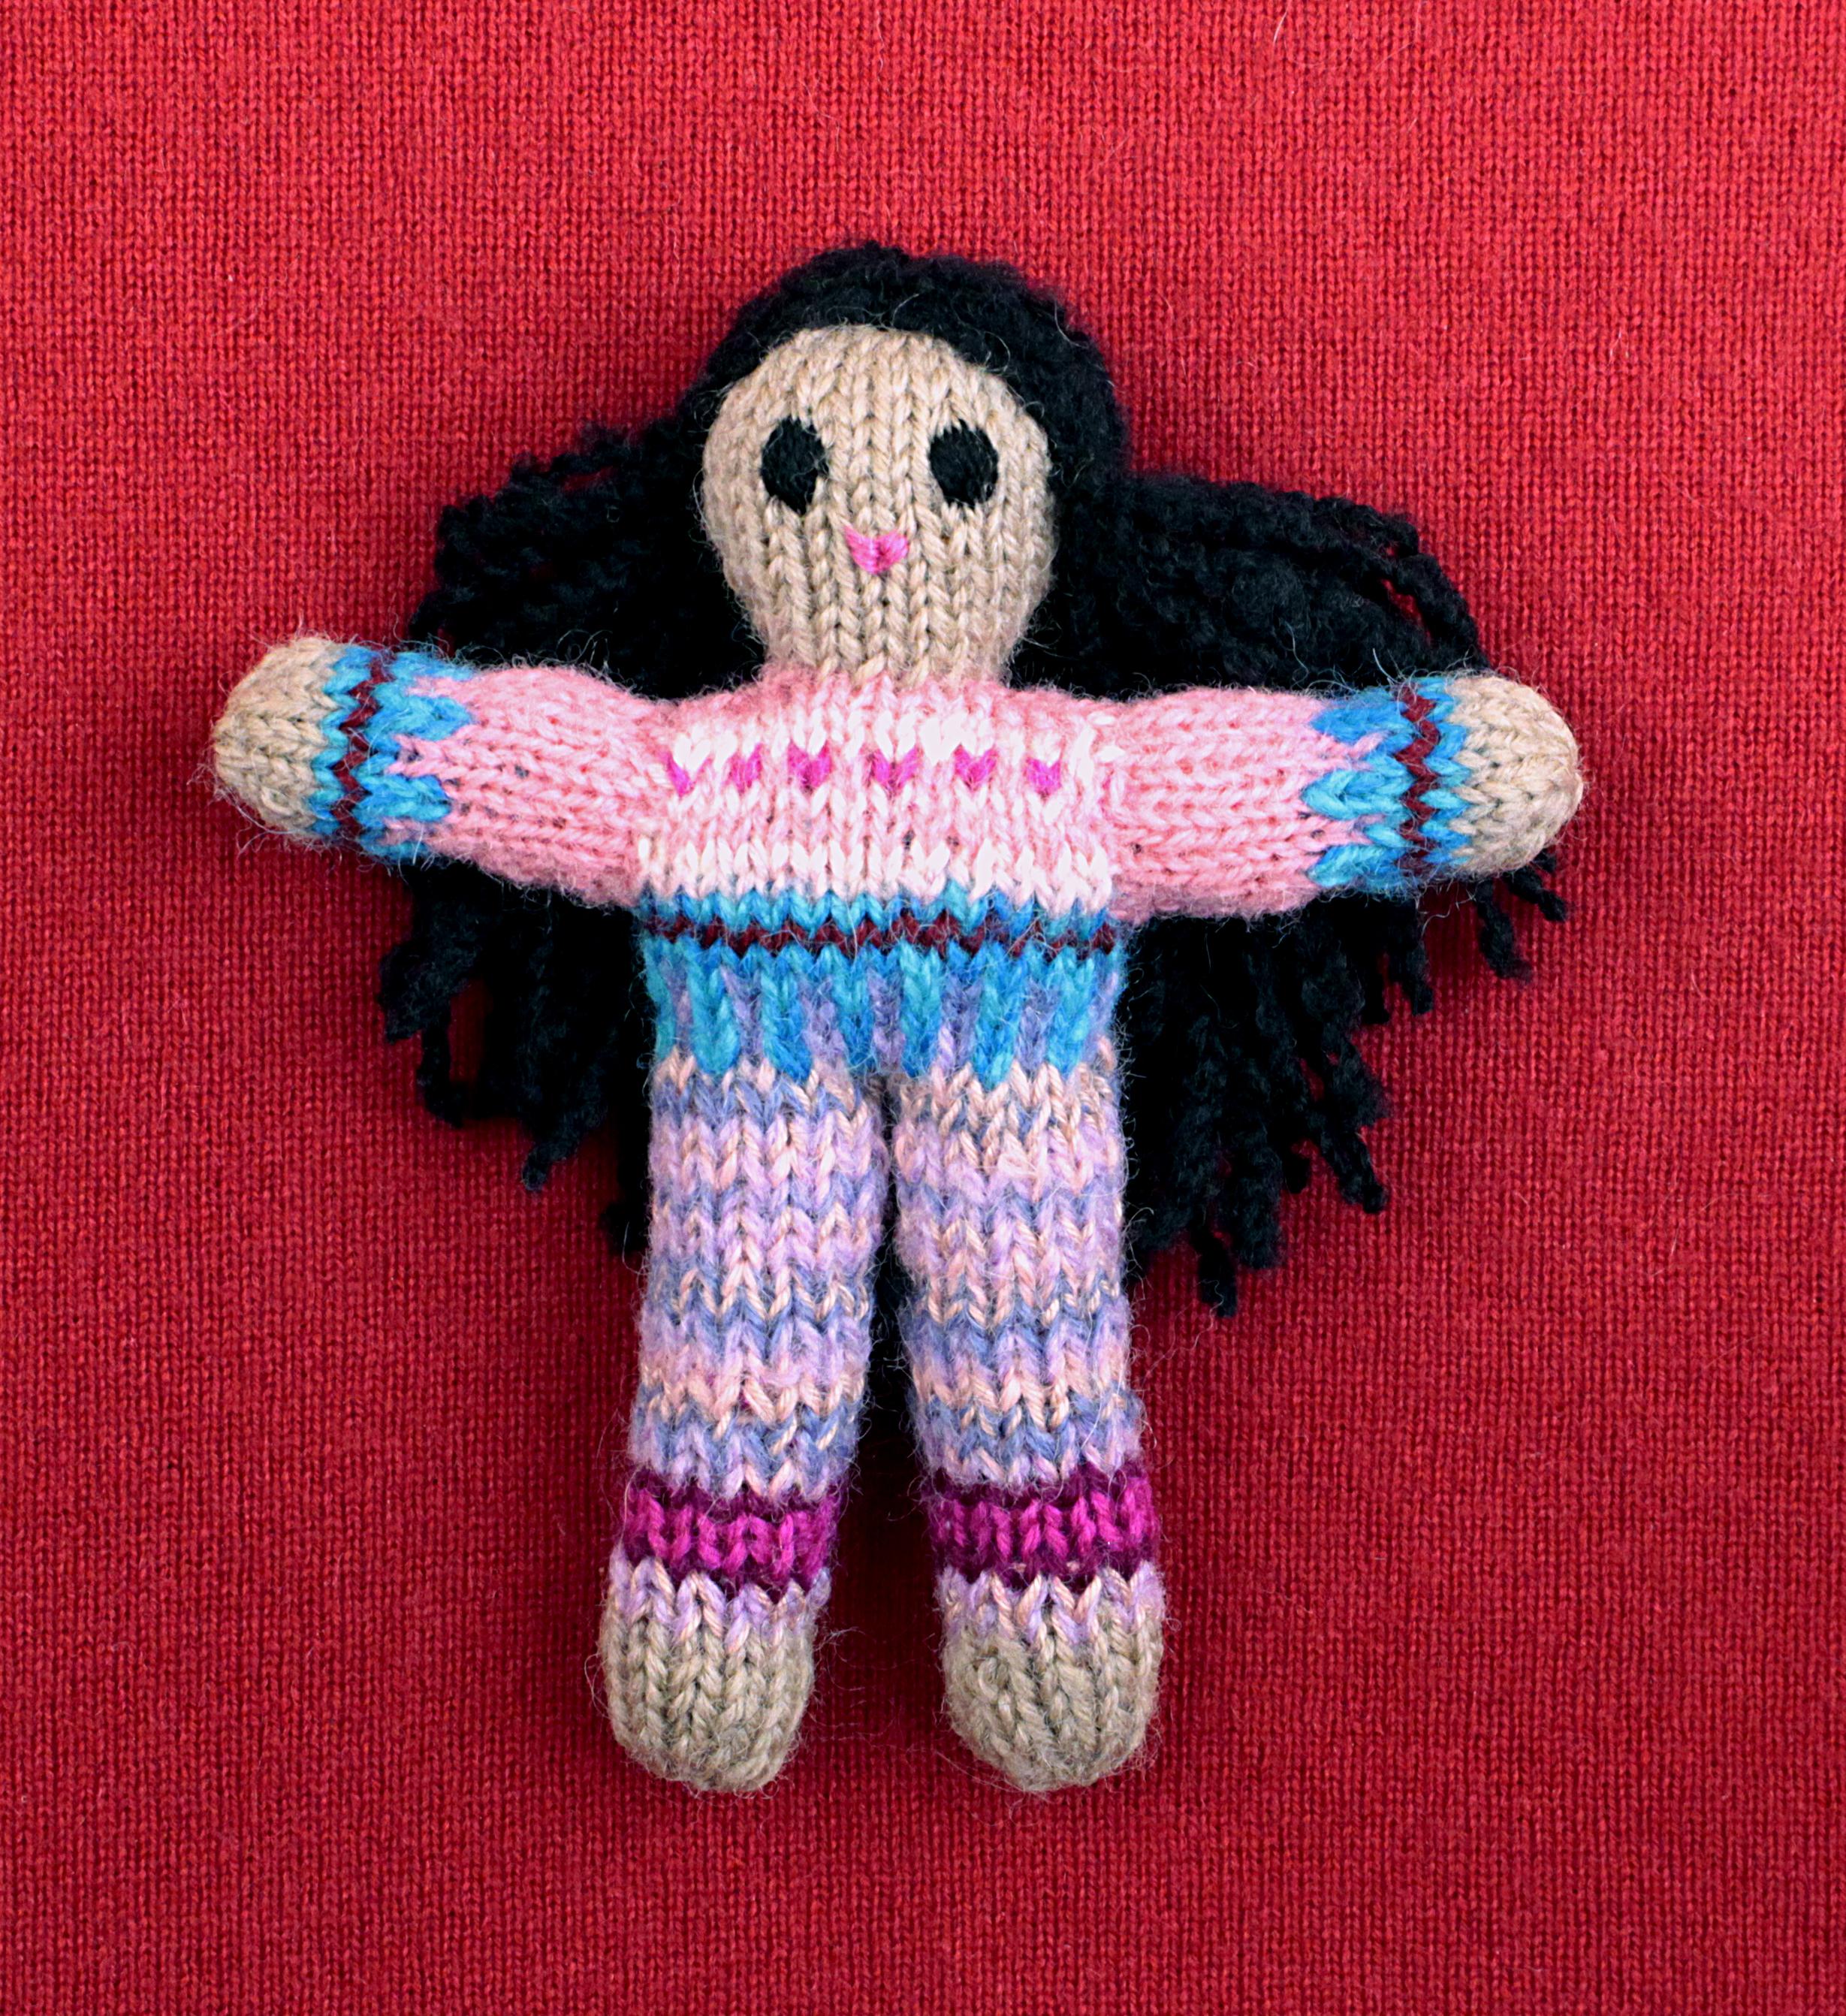 Wee Woolie doll #D0225.